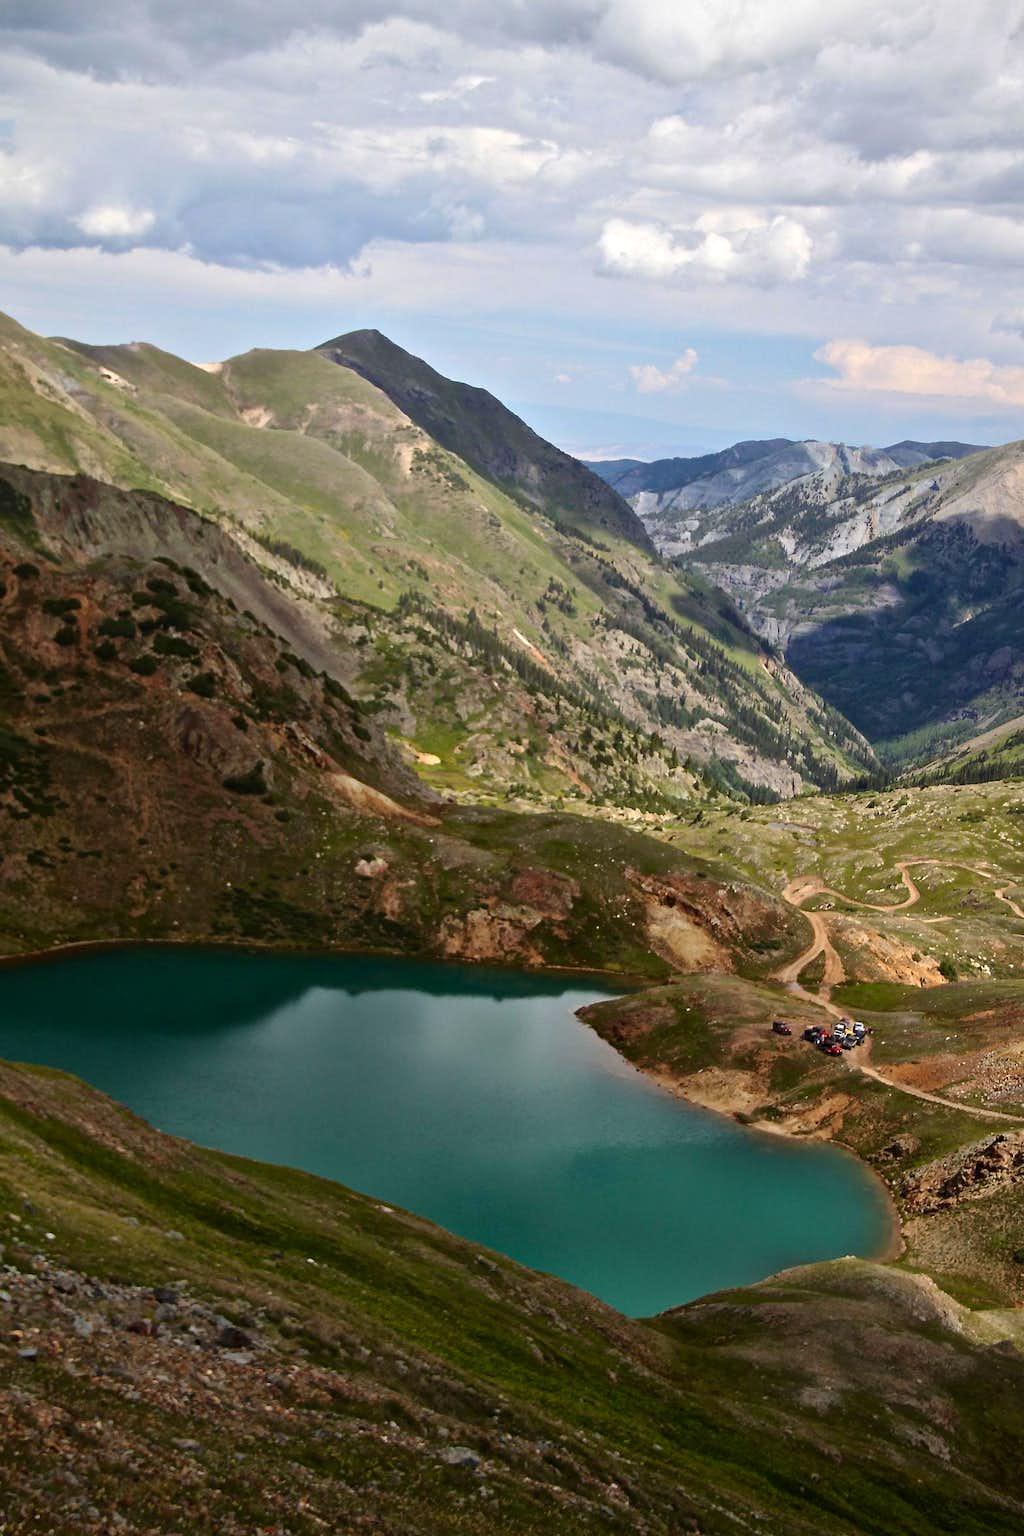 Mt. Abrams and Lake Como